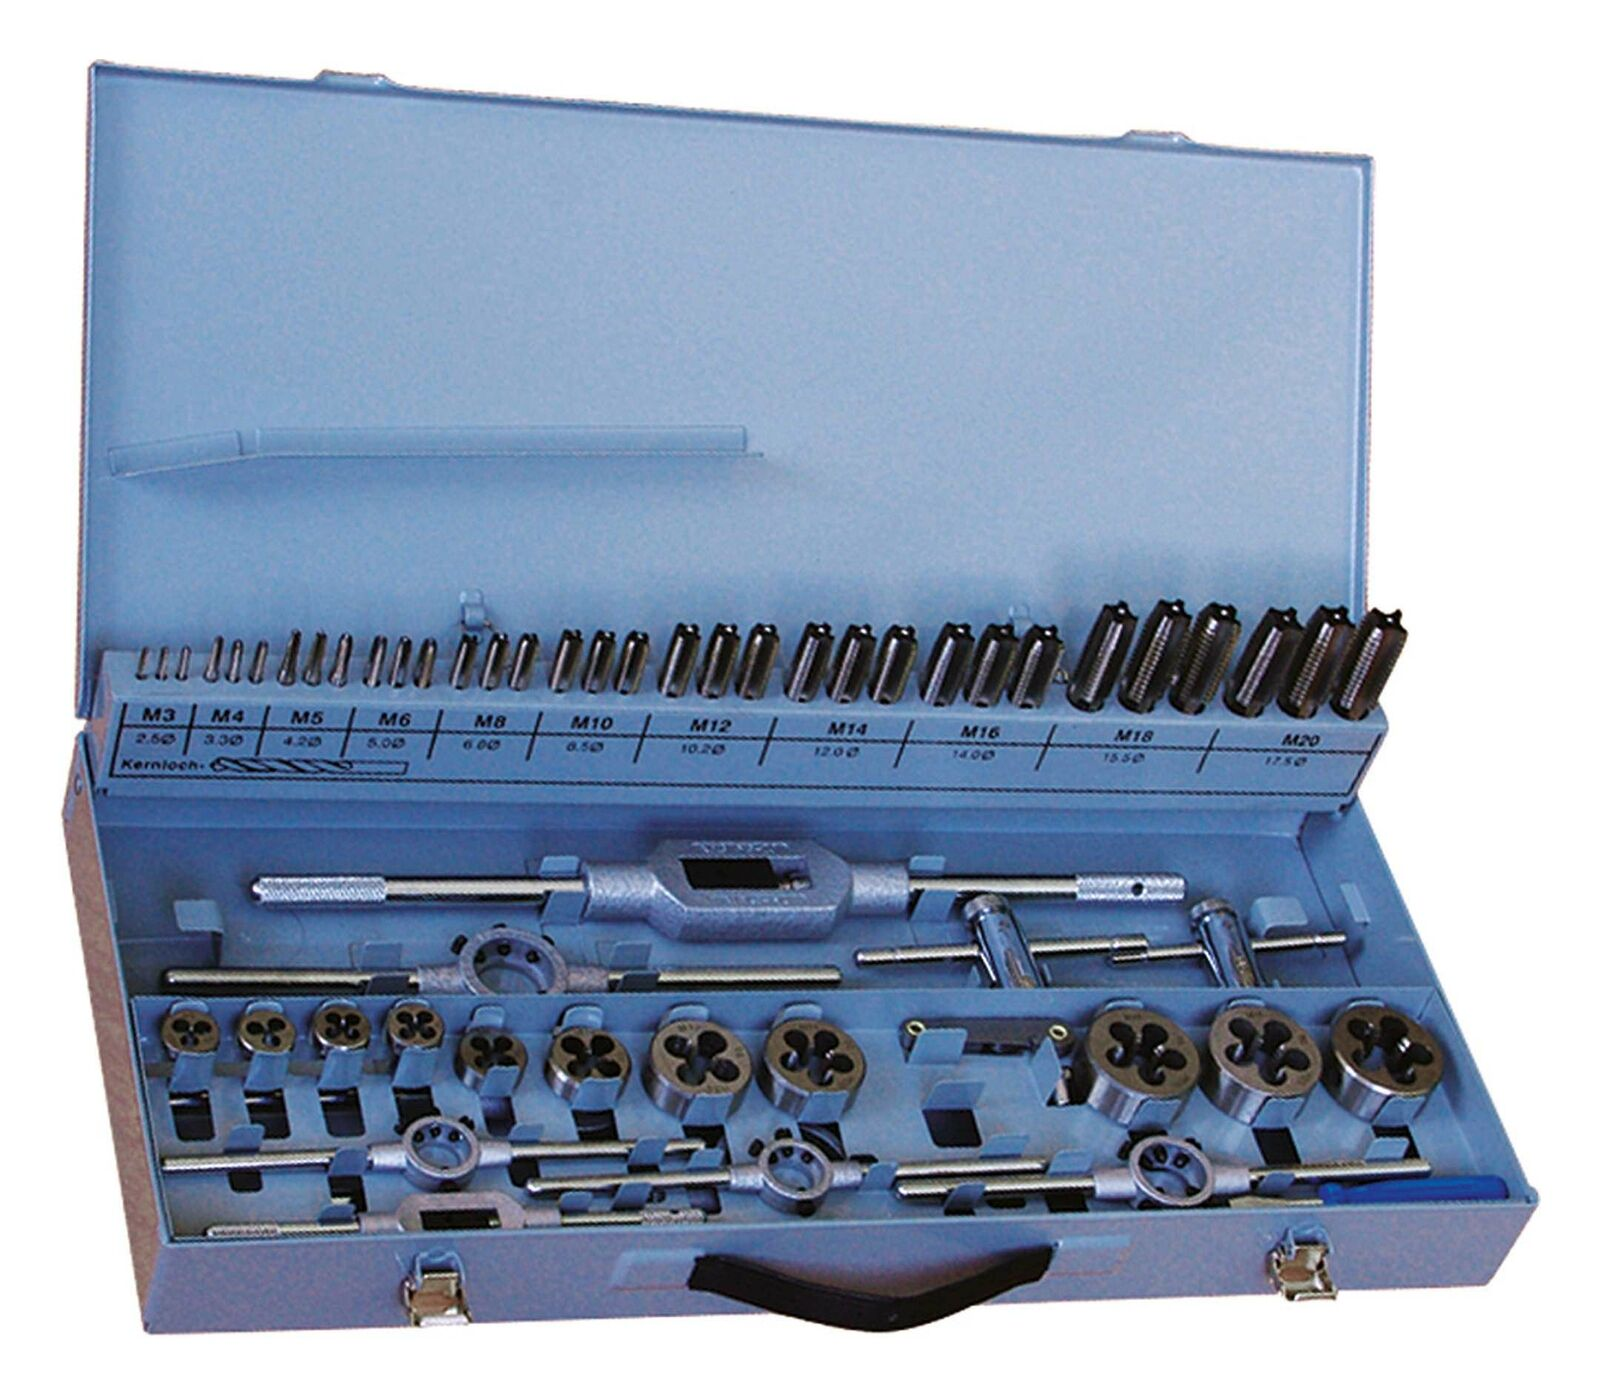 Fortis Hand-Gewindebohrer D352 Metall HSS M3-12 Sortiment   Die Farbe ist sehr auffällig    Sehr gelobt und vom Publikum der Verbraucher geschätzt    Exquisite Handwerkskunst    Abrechnungspreis